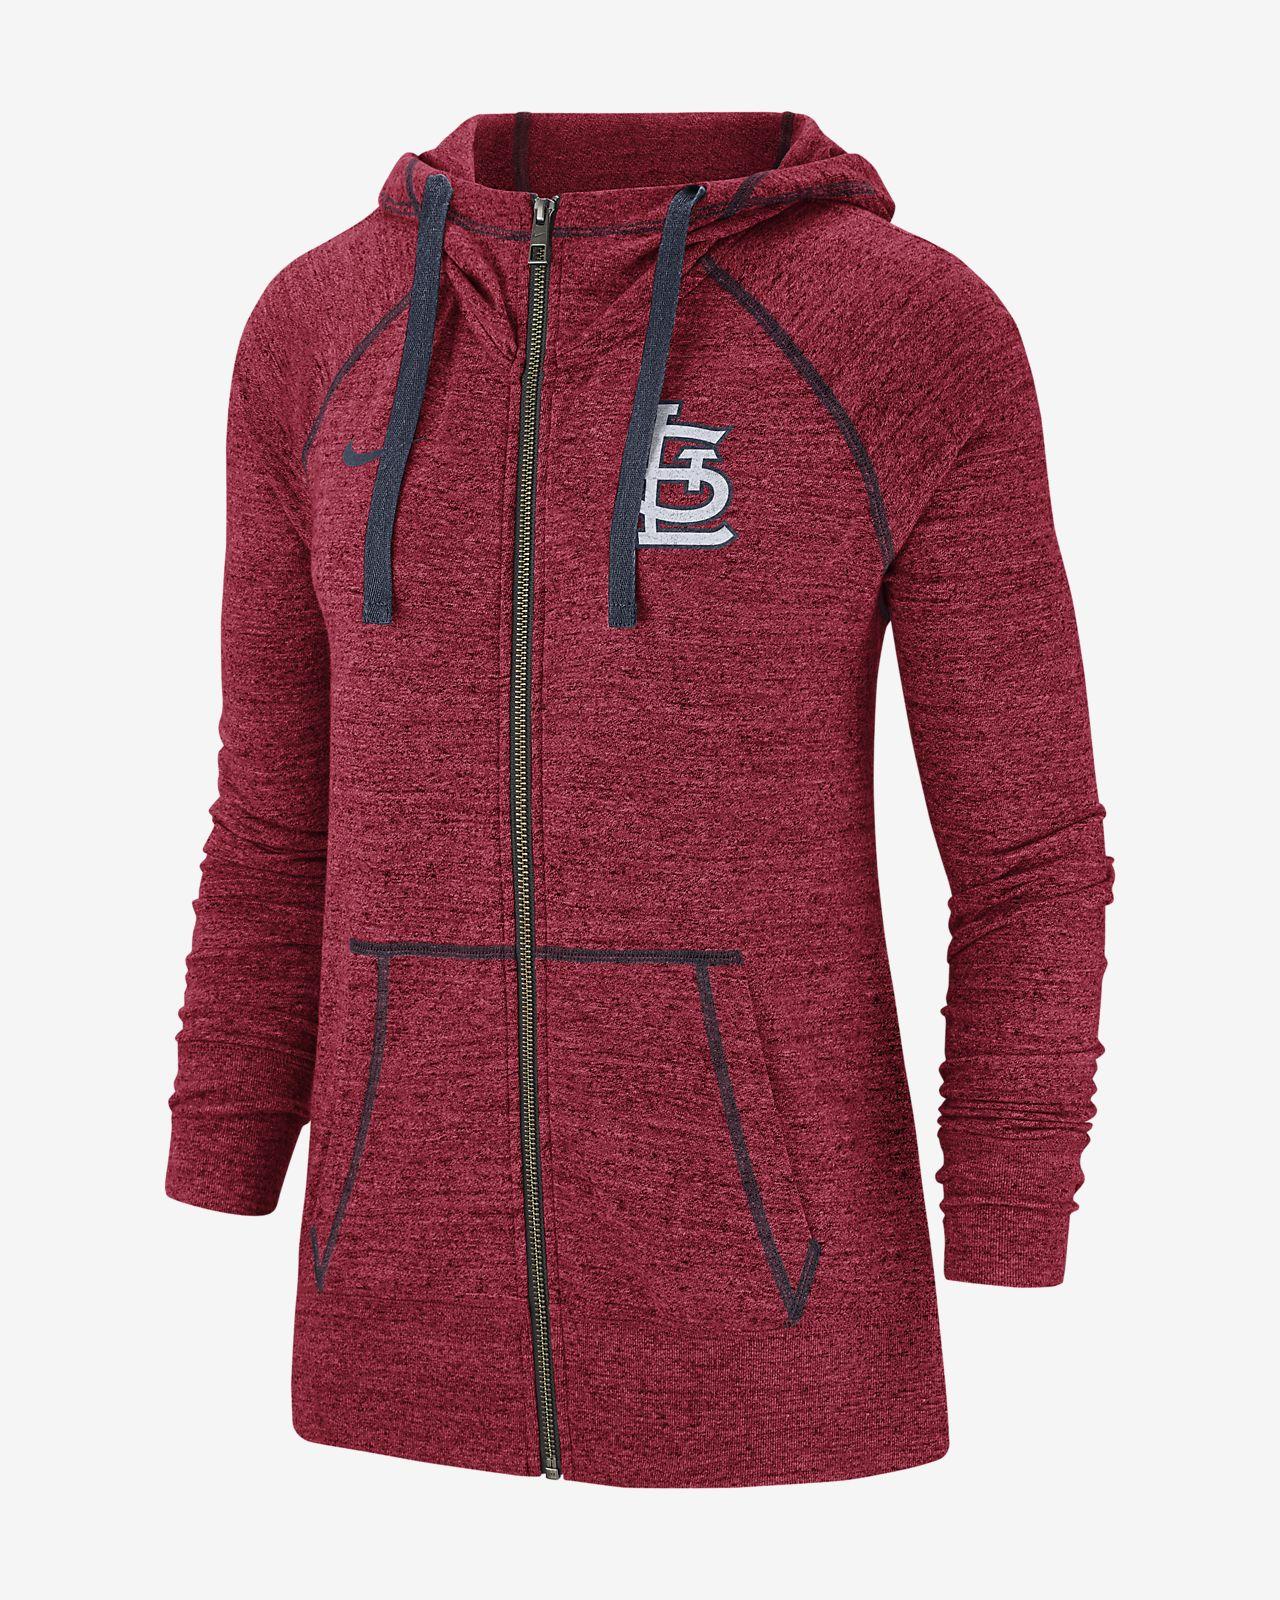 Nike Gym Vintage (MLB Cardinals) Women's Full-Zip Hoodie